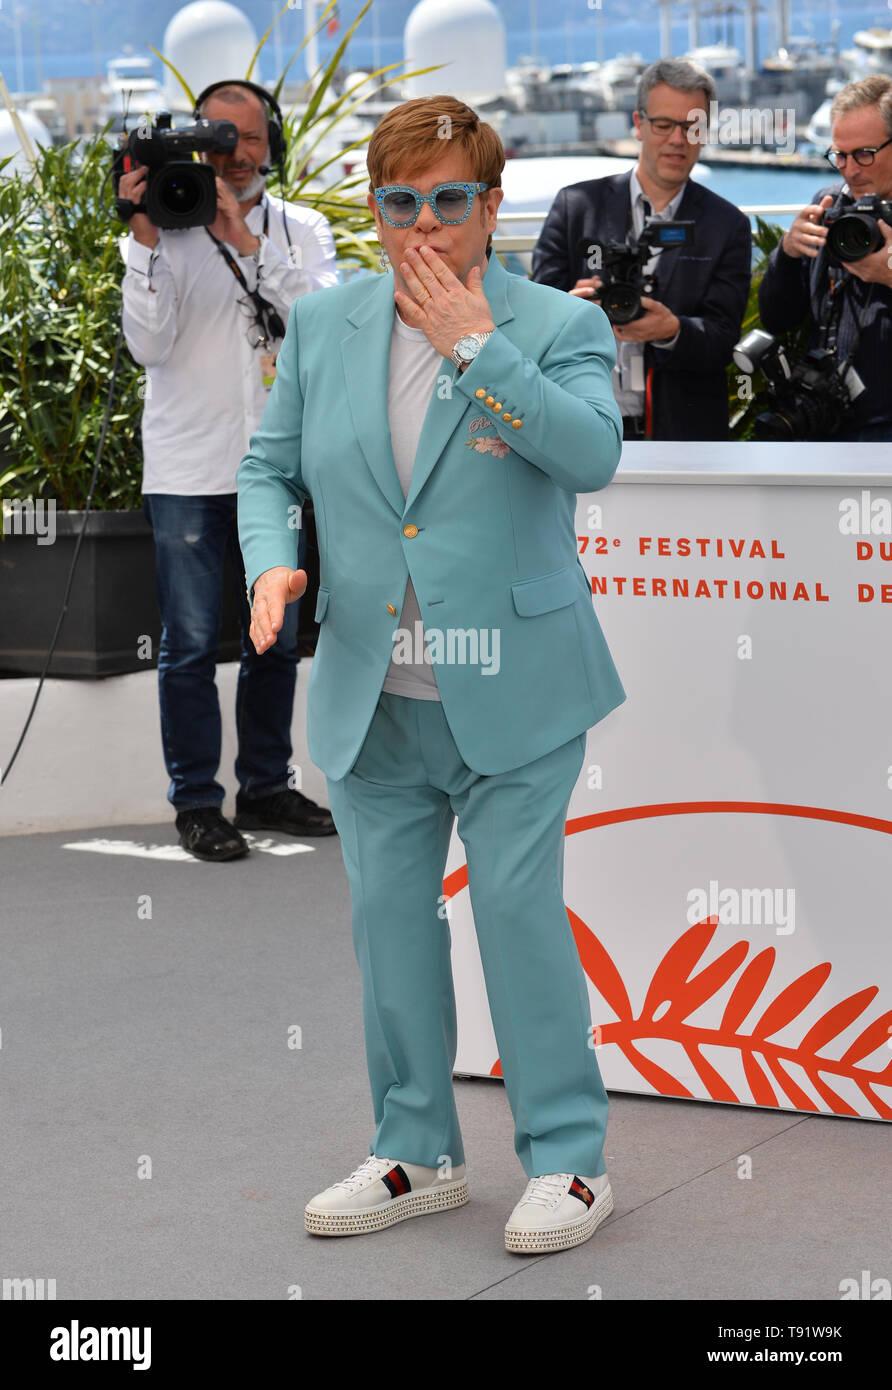 Cannes, Francia. 16 Maggio, 2019. CANNES, Francia. 16 maggio 2019: Elton John al photocall per il 'Rocketman' alla 72esima edizione del Festival de Cannes. Credito Foto: Paul Smith/Alamy Live News Foto Stock